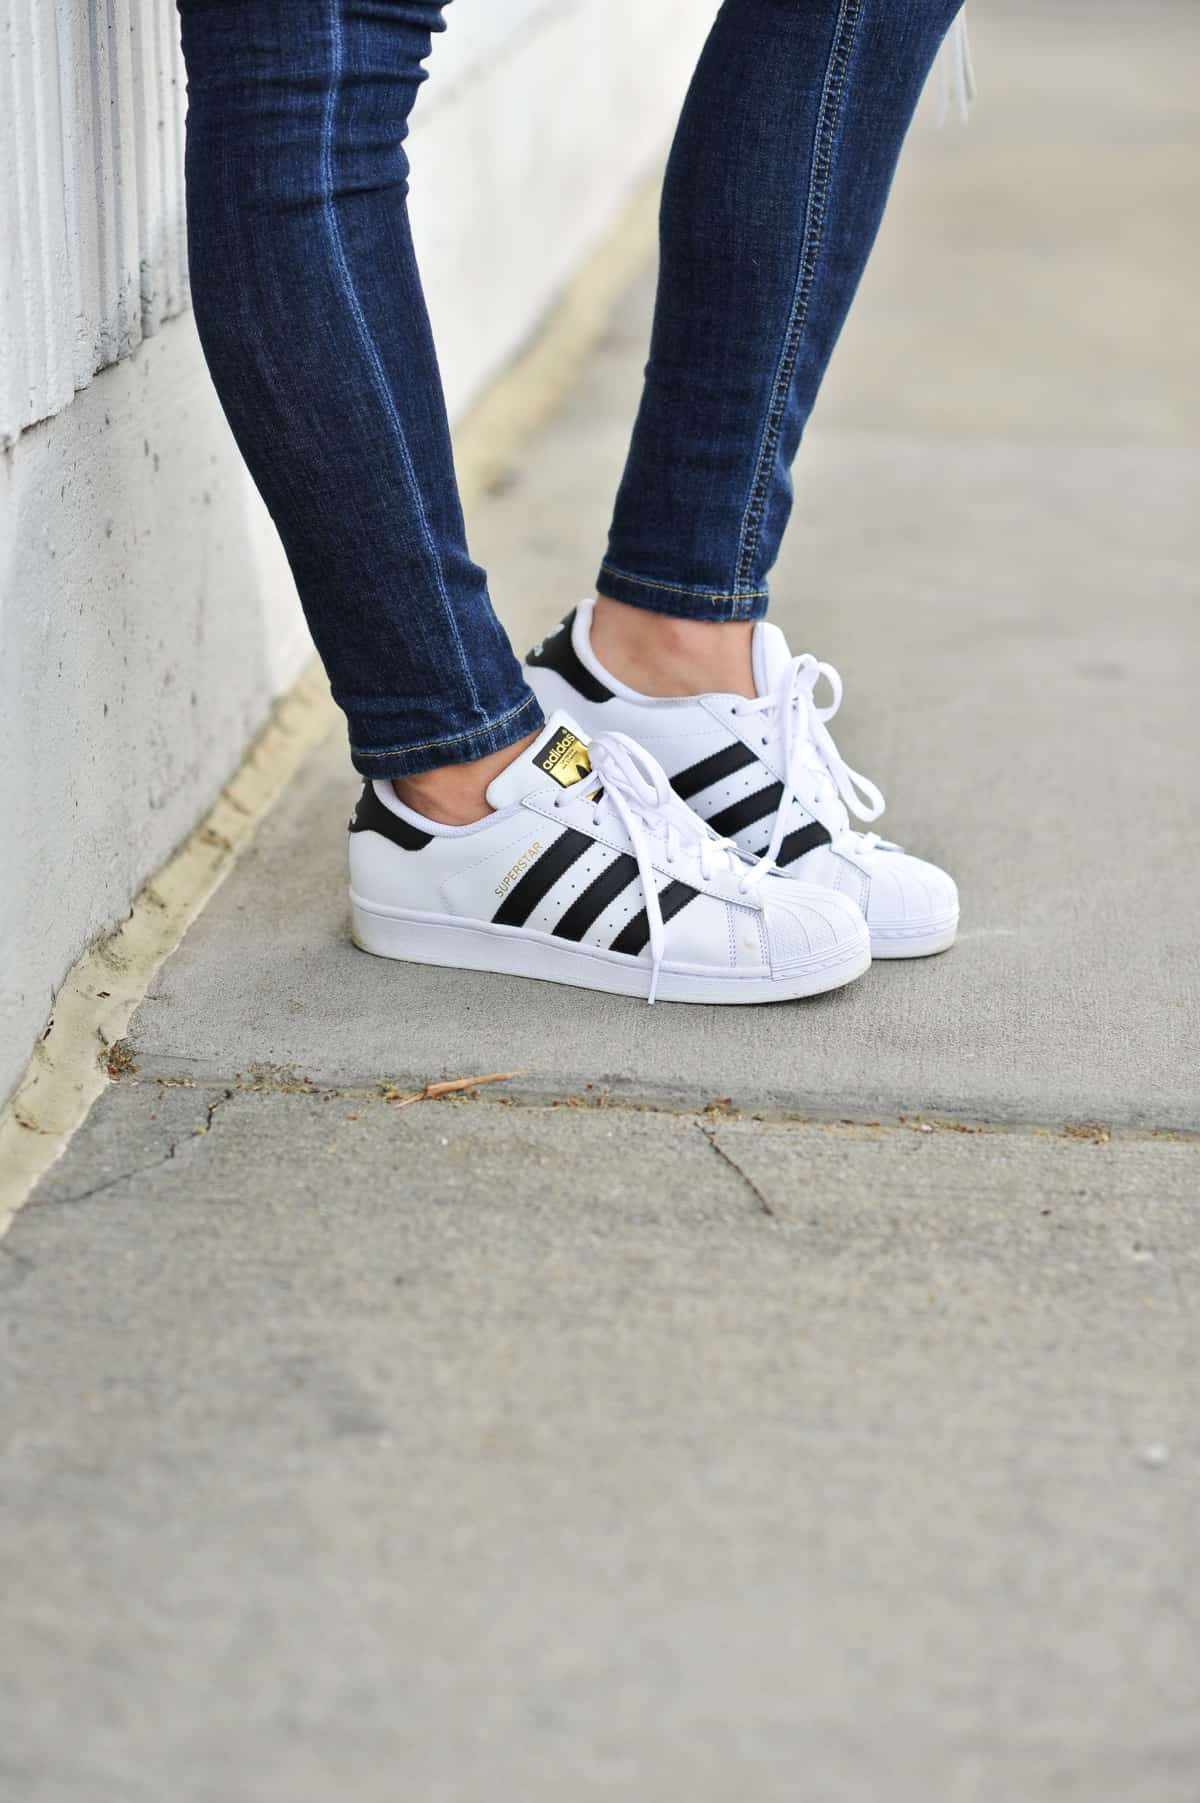 adidas originales, estilo 32 callejero, callejero, adidas My Style Vita @mystylevita 32 11fda21 - sfitness.xyz